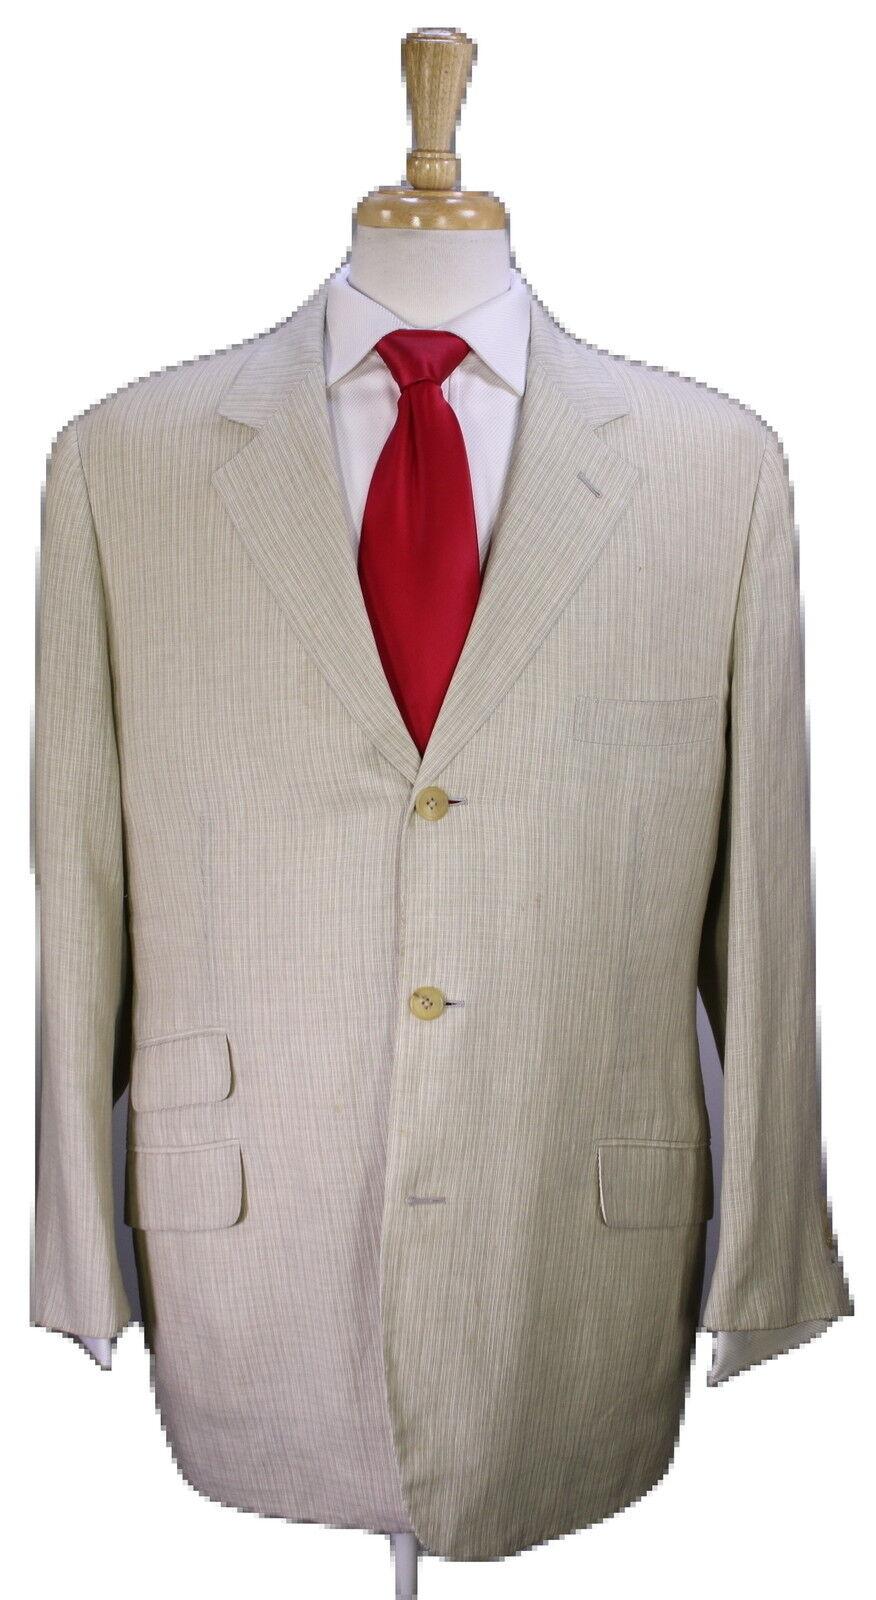 Hermes Beige Texturé Main Silk-Linen 3-Btn équitation de Luxe Fait Main Texturé Costume 46R 1010c5